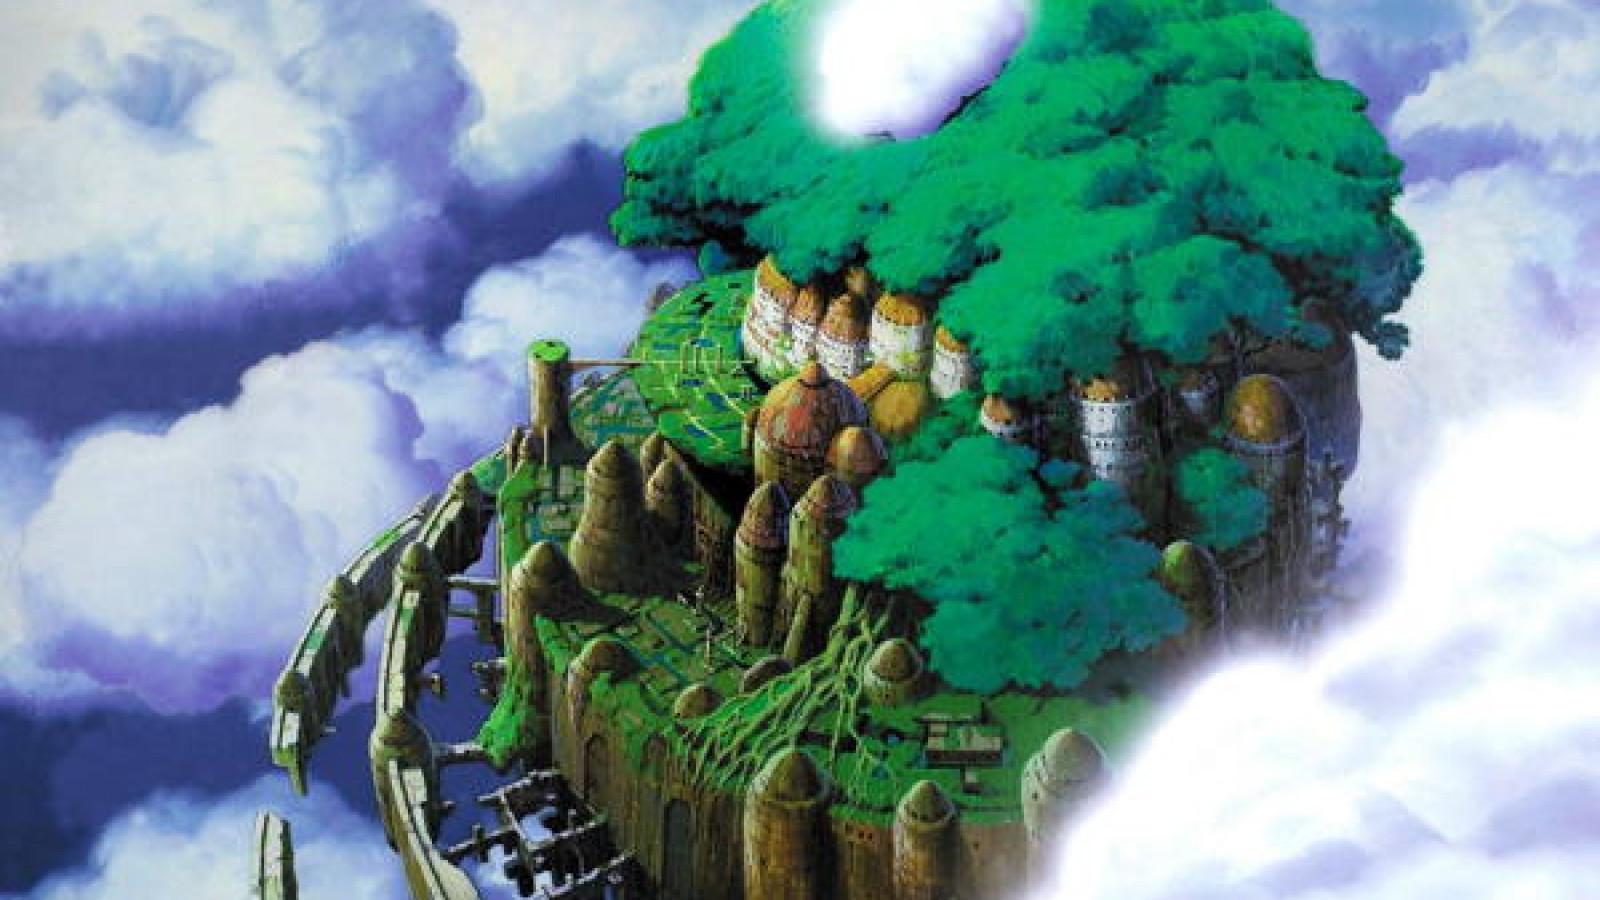 miyazaki_floating_castle1.jpg